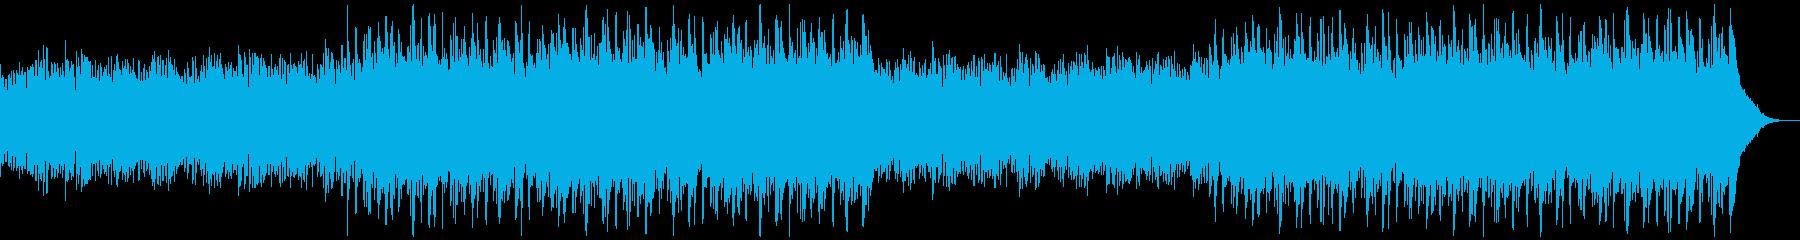 企業VPや映像30、壮大、オーケストラaの再生済みの波形